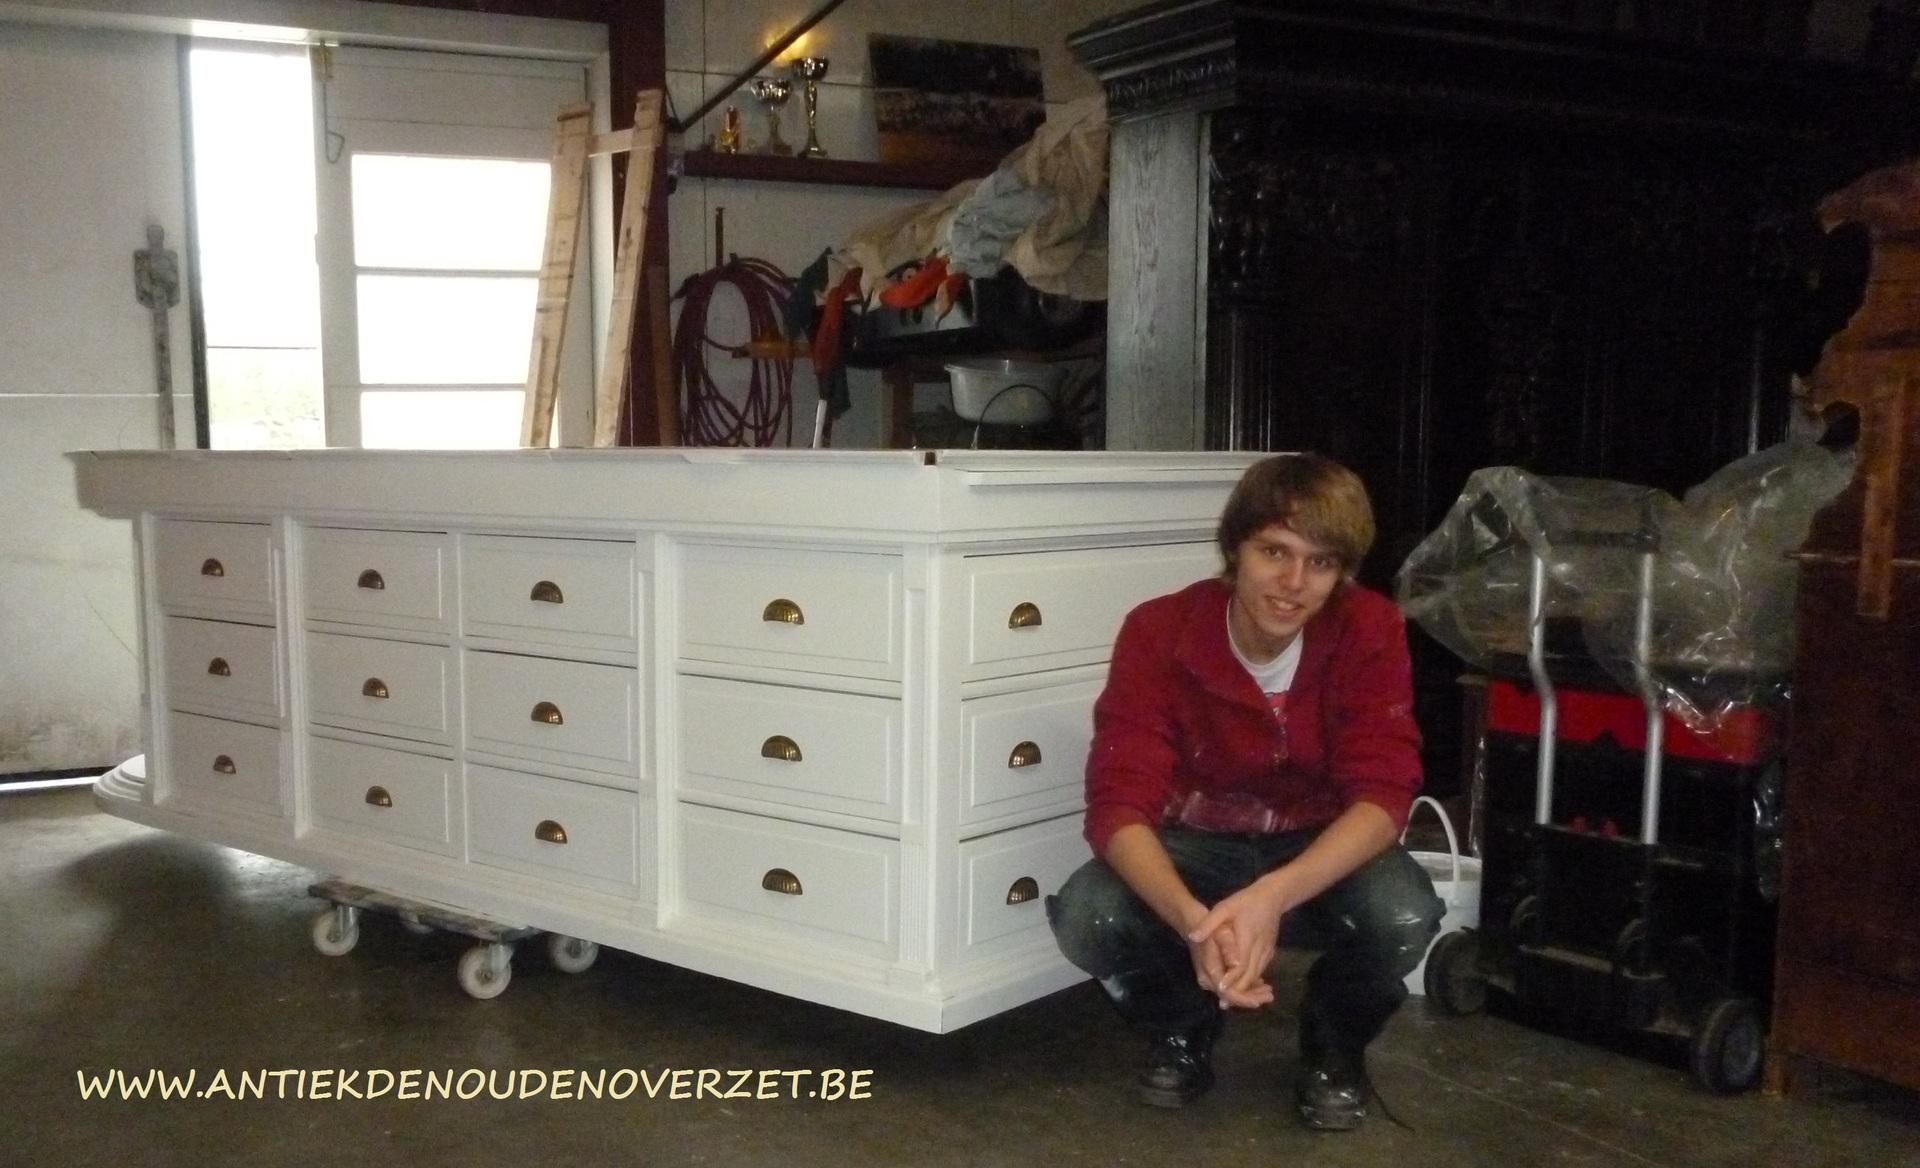 Restauratie van meubelen melsele antiek den ouden overzet for Interieur schilderen